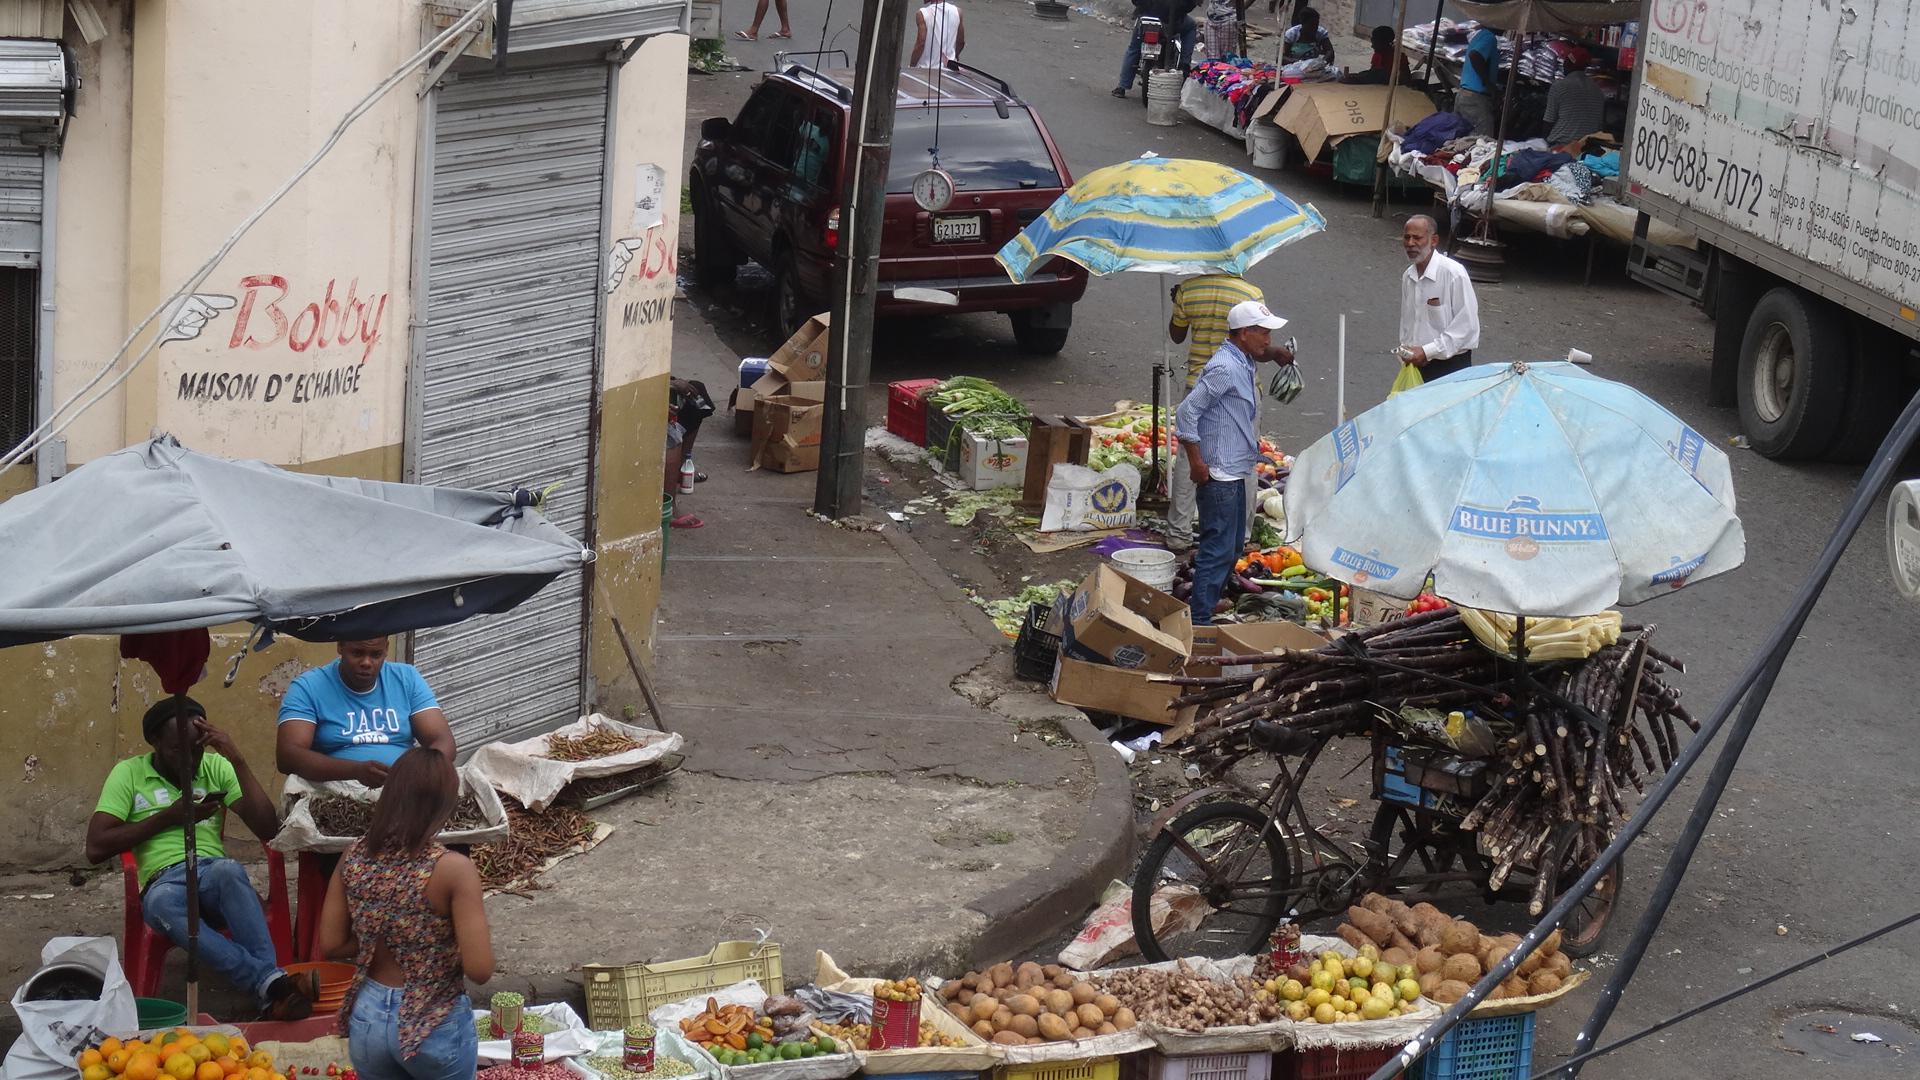 54. Market in Santo Domingo